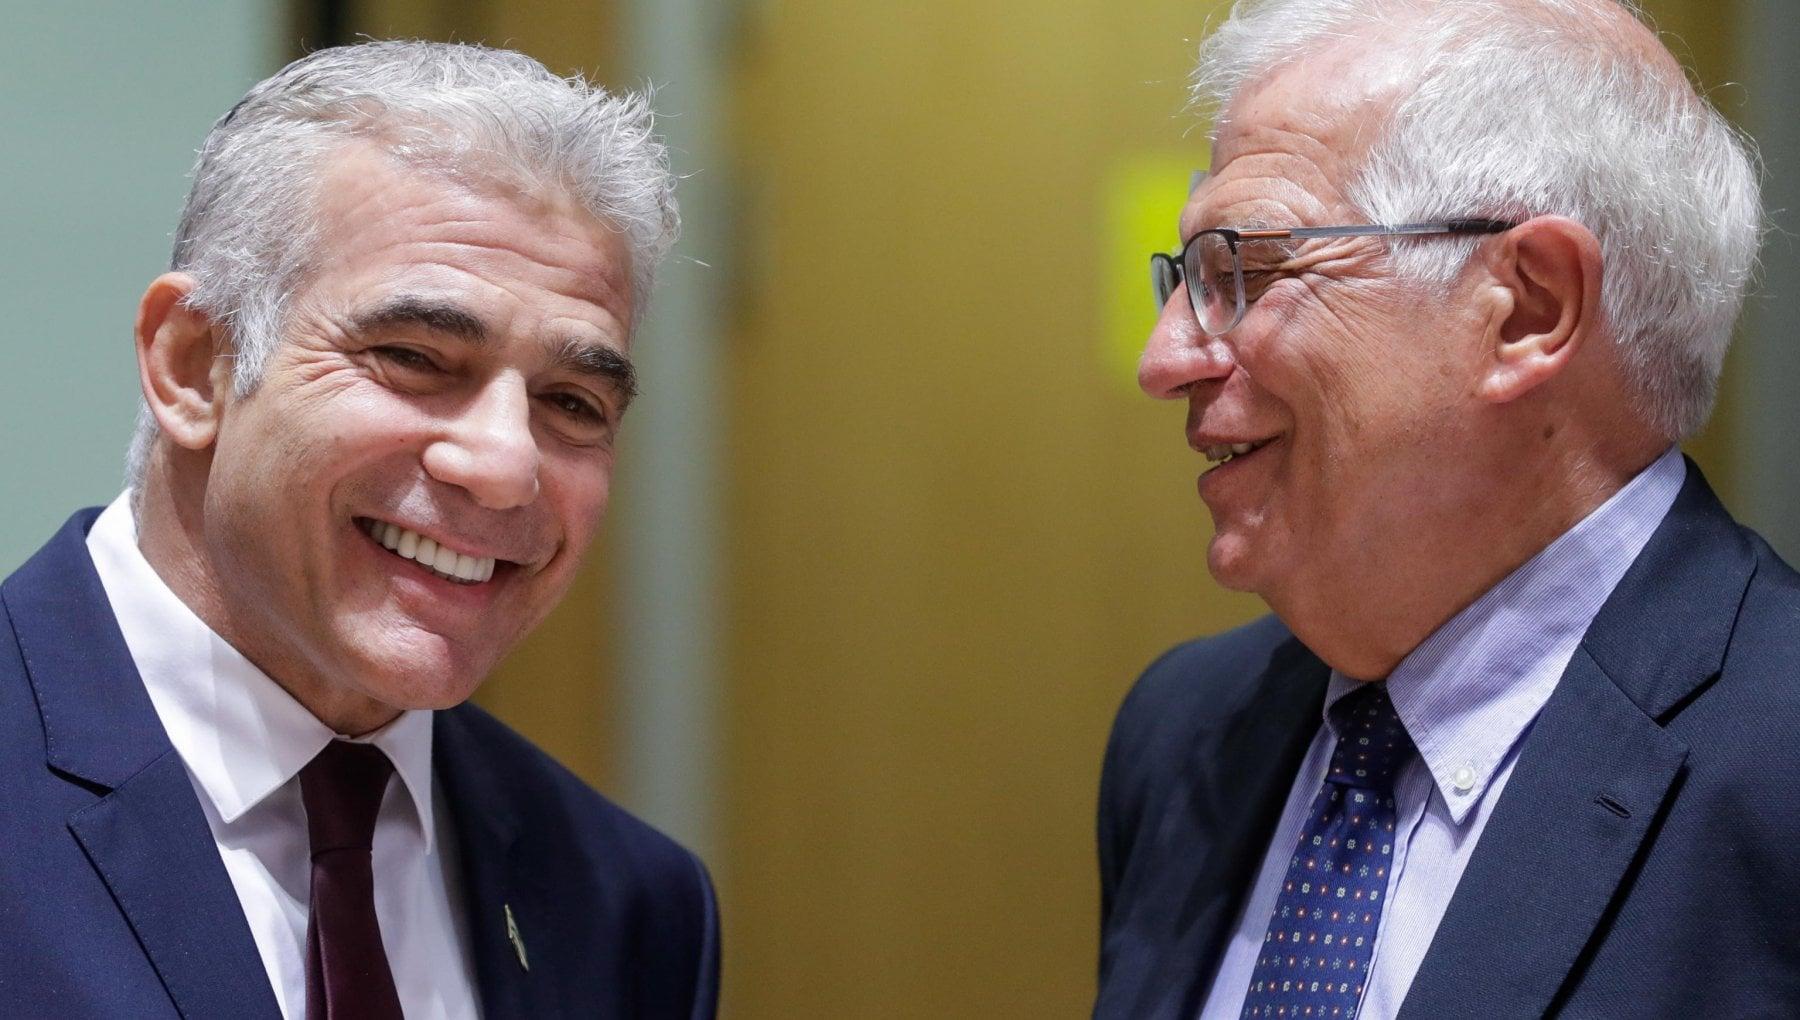 """134445254 eb6ce1b6 5432 43d4 93a9 40da060fb0e0 - Lapid a Bruxelles: """"Nuovo inizio nelle relazioni fra la Ue e Israele"""""""